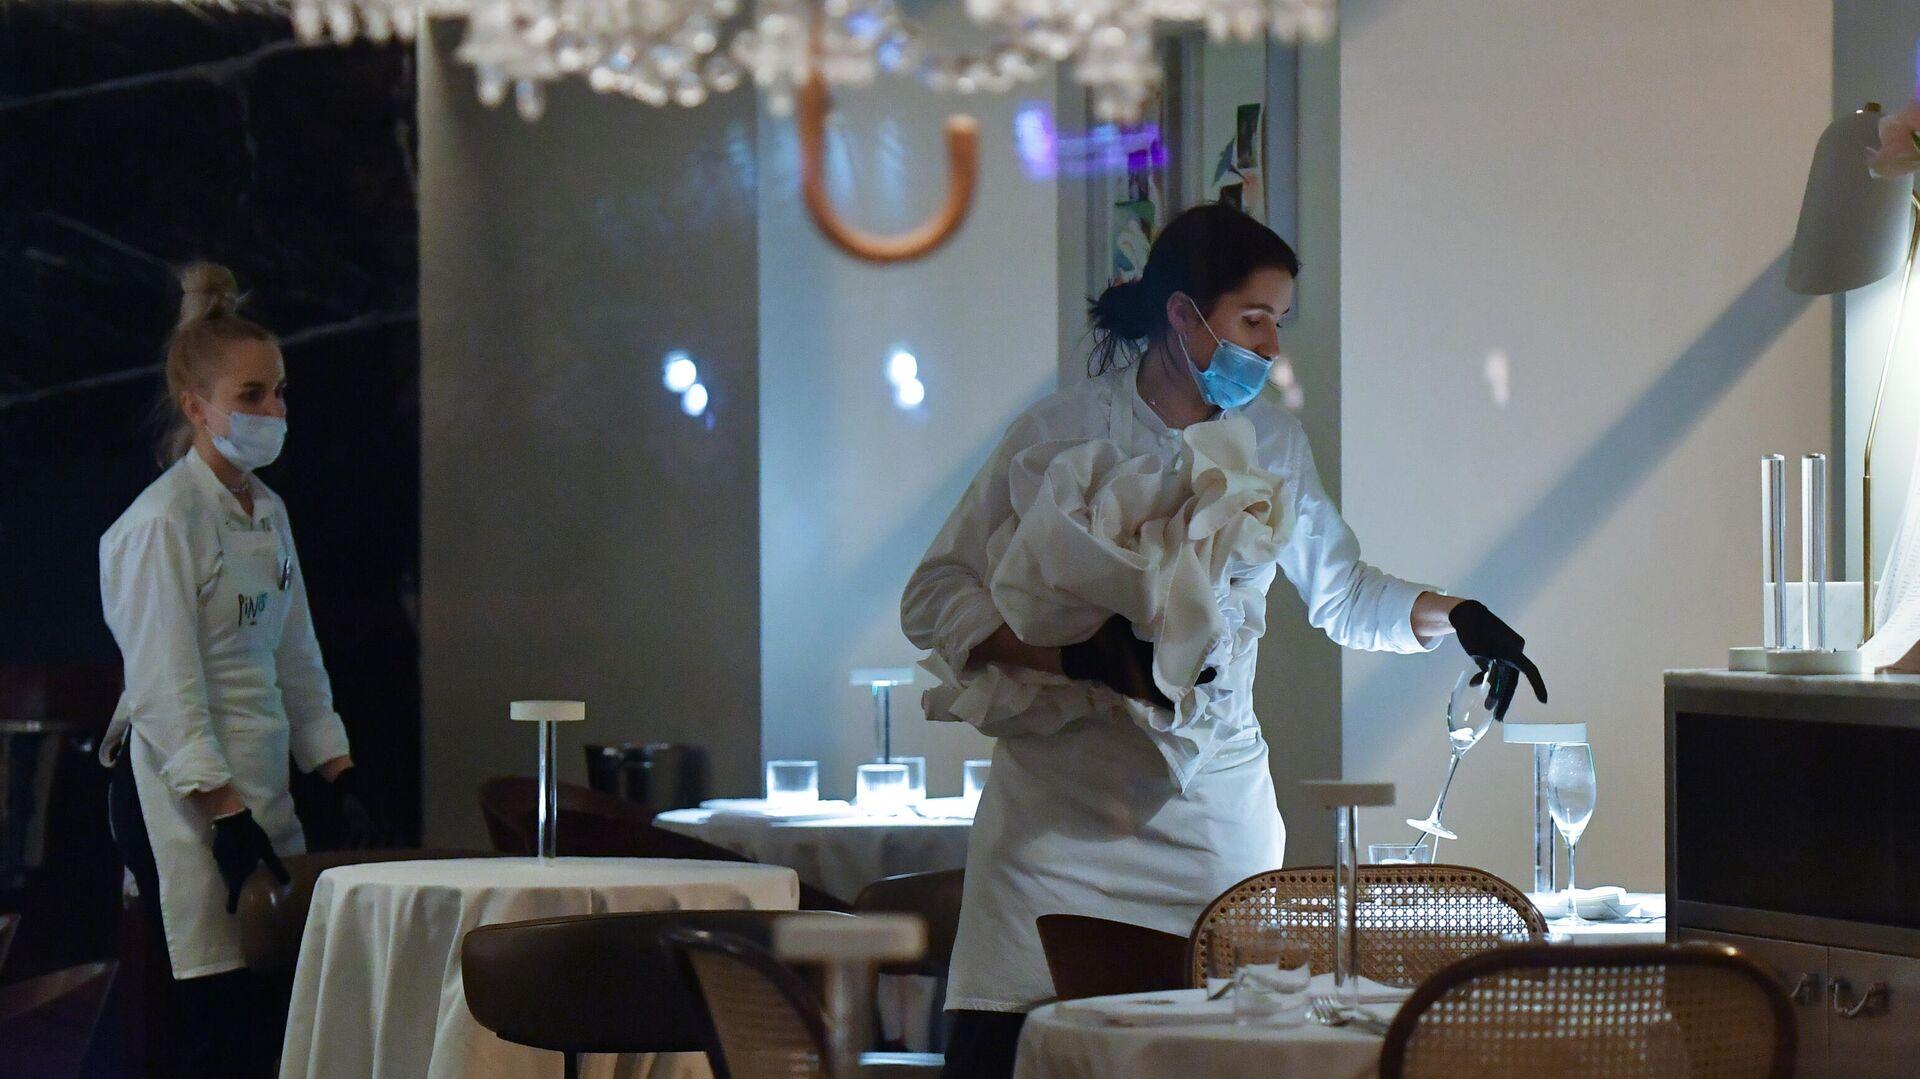 Официантки в закрытом ресторане на одной из улиц в Москве - РИА Новости, 1920, 27.01.2021